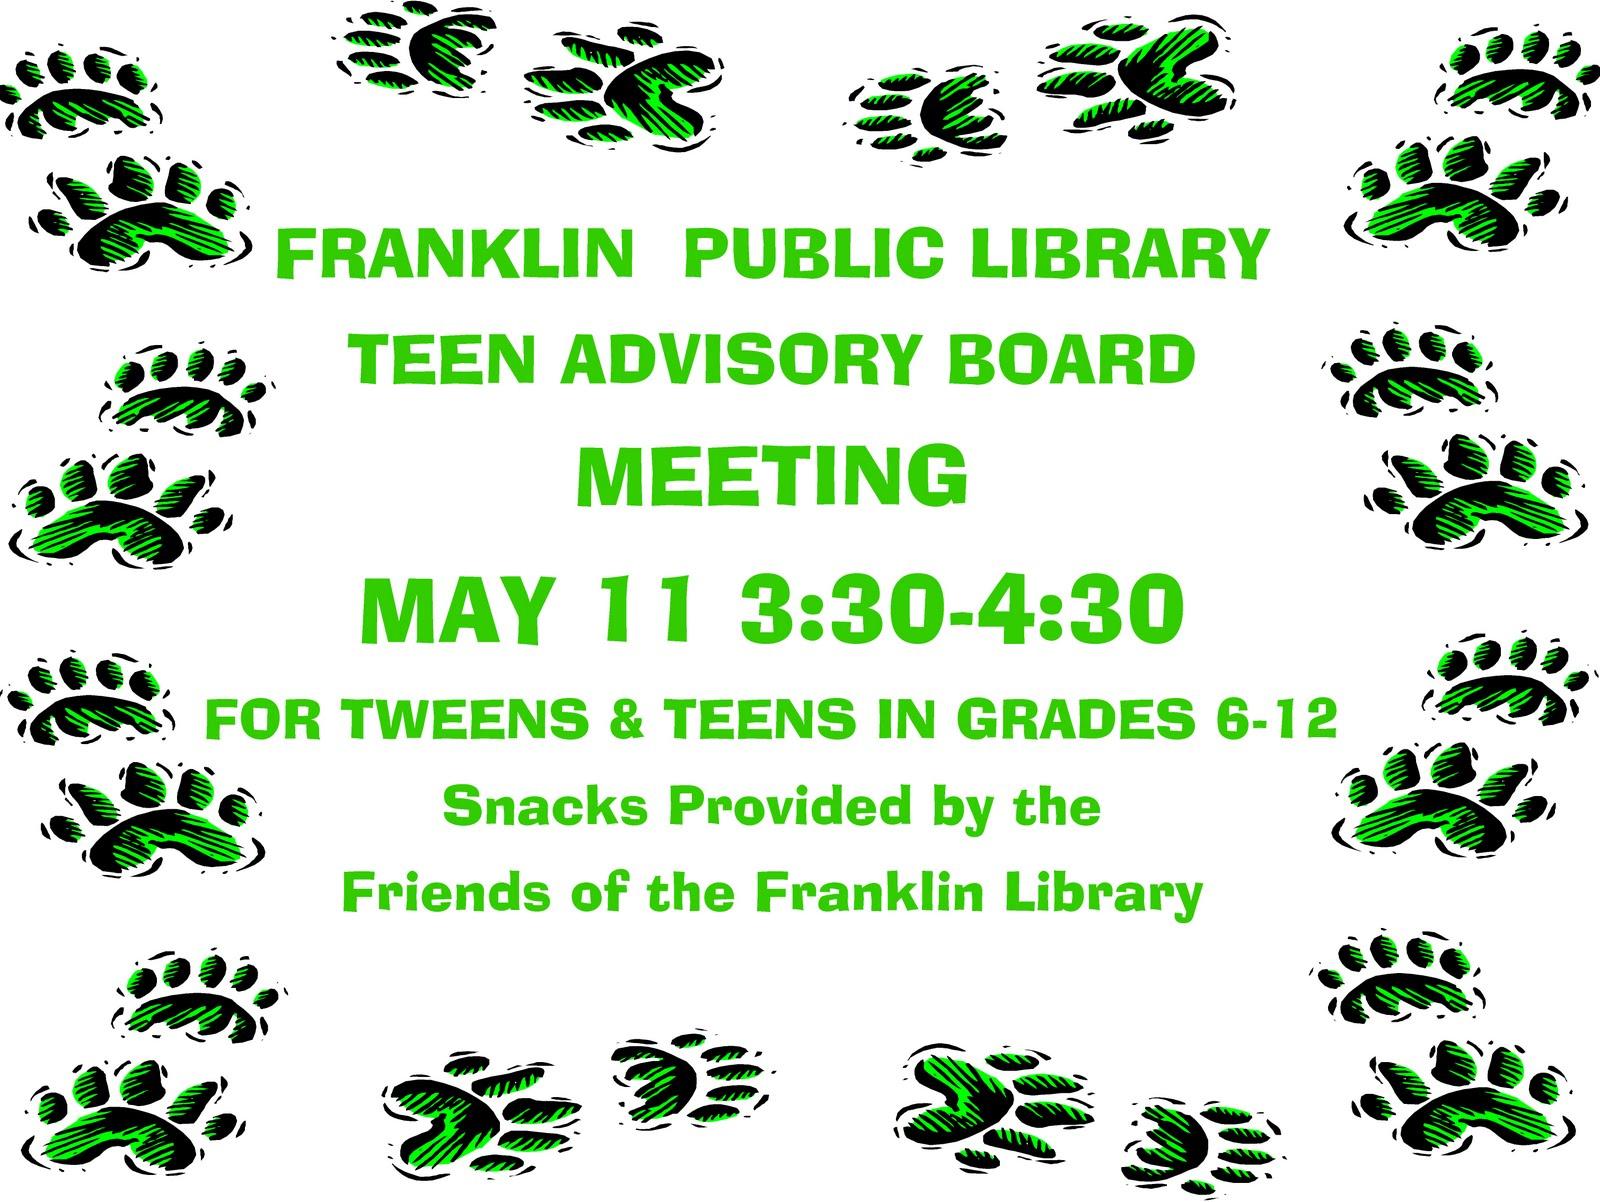 Library teen advisory board